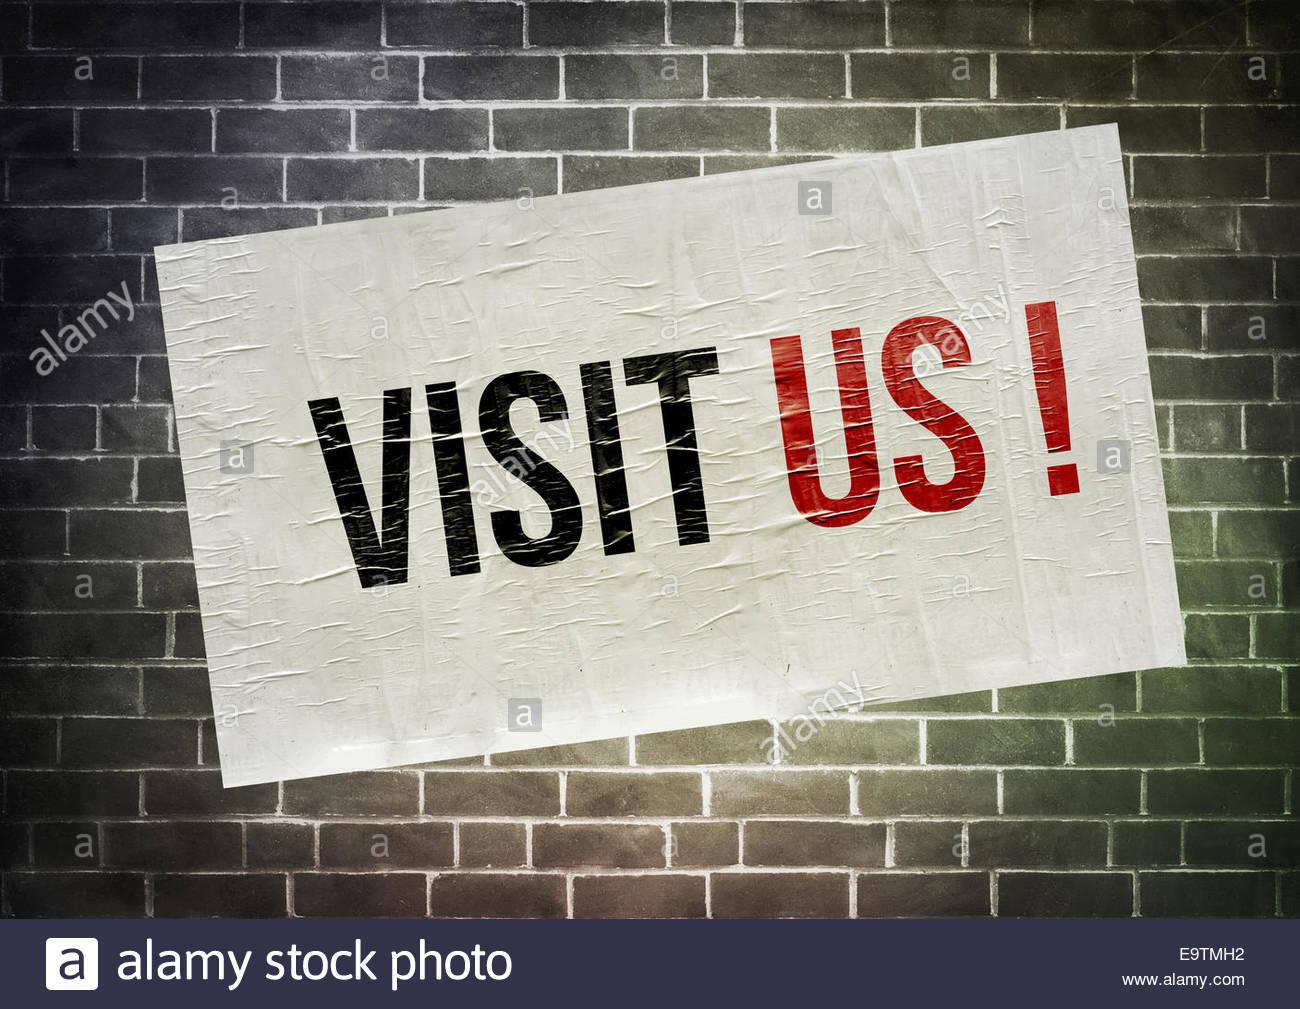 Nos visitan - poster concepto icono Imagen De Stock